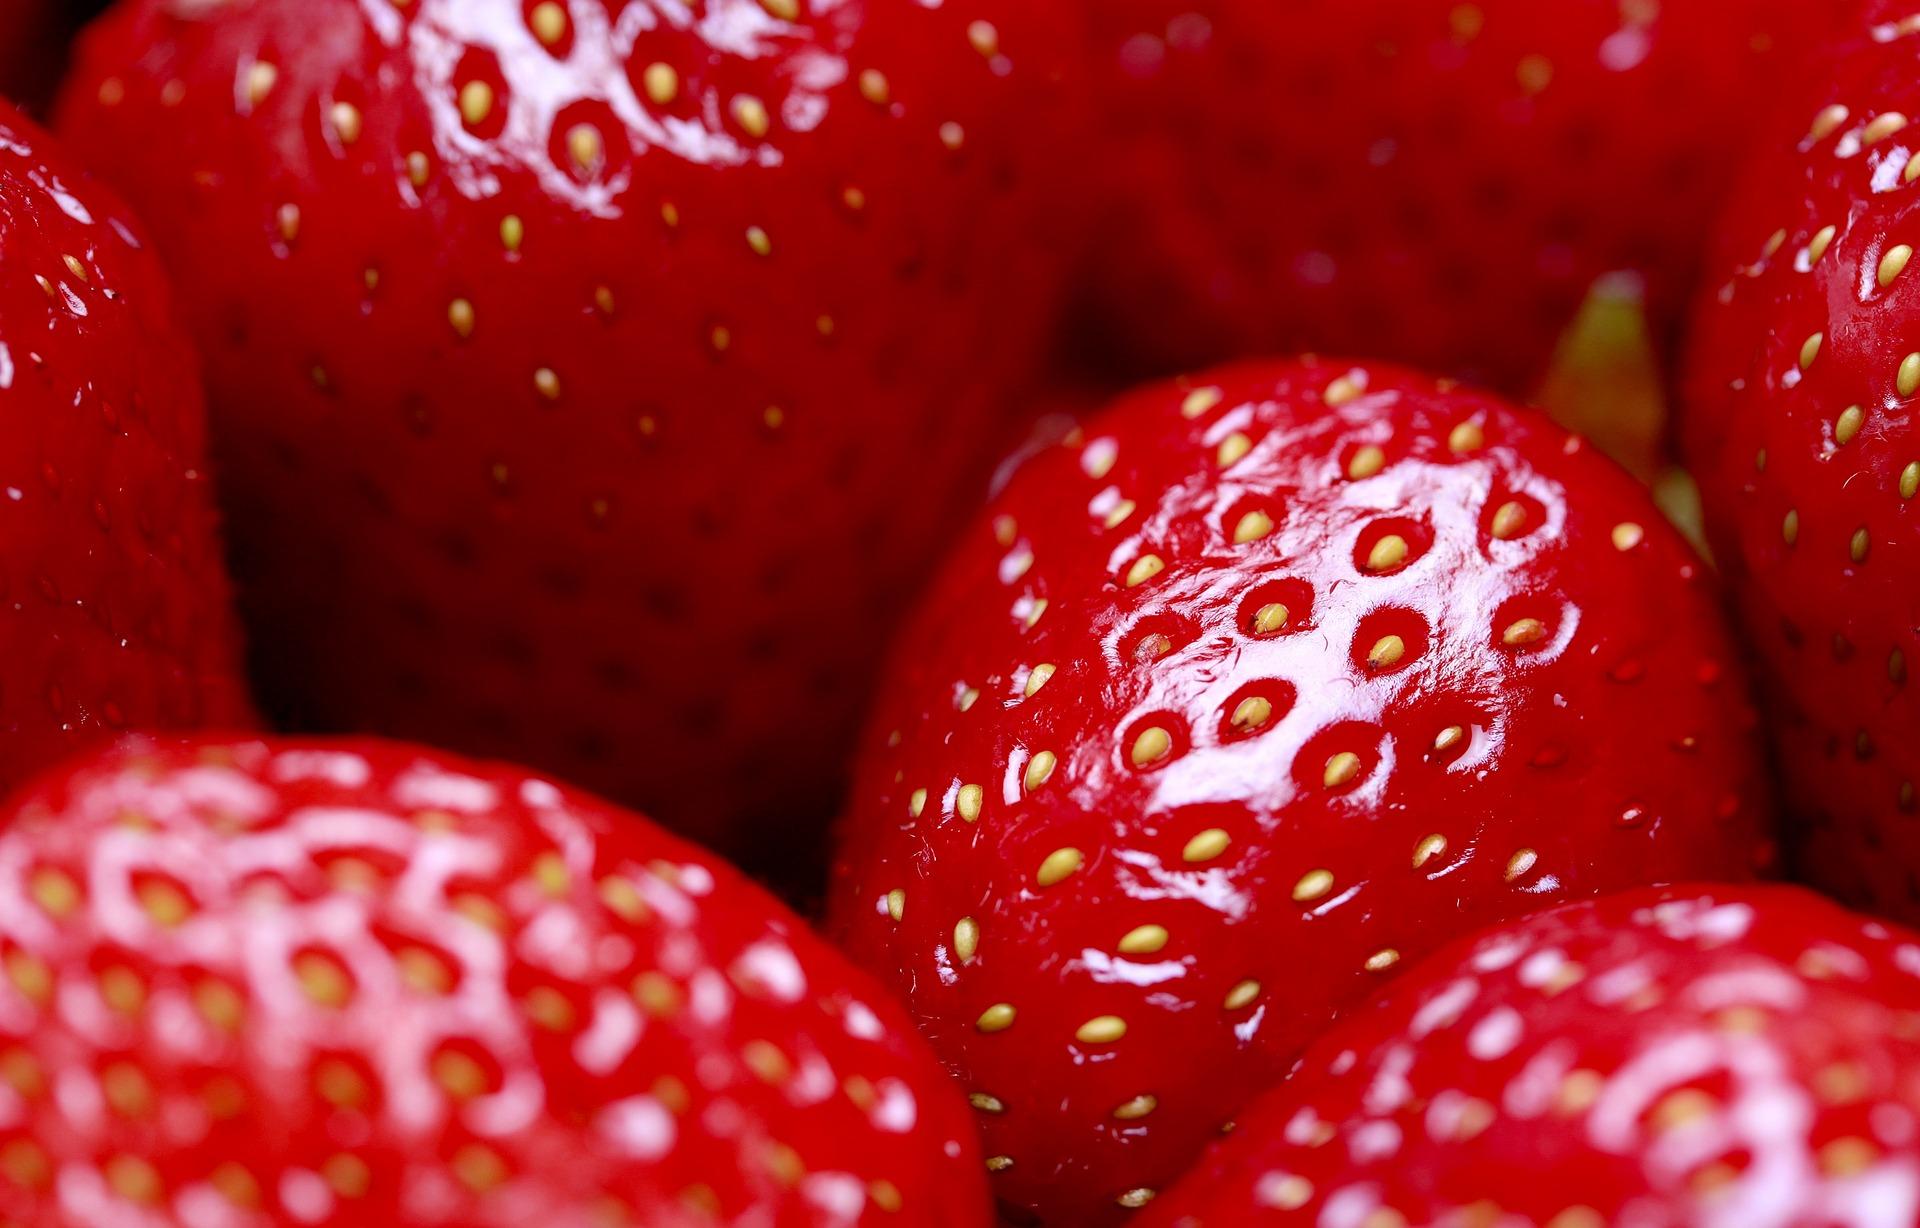 Spotlight on Strawberries: Strawberry Yogurt Medley